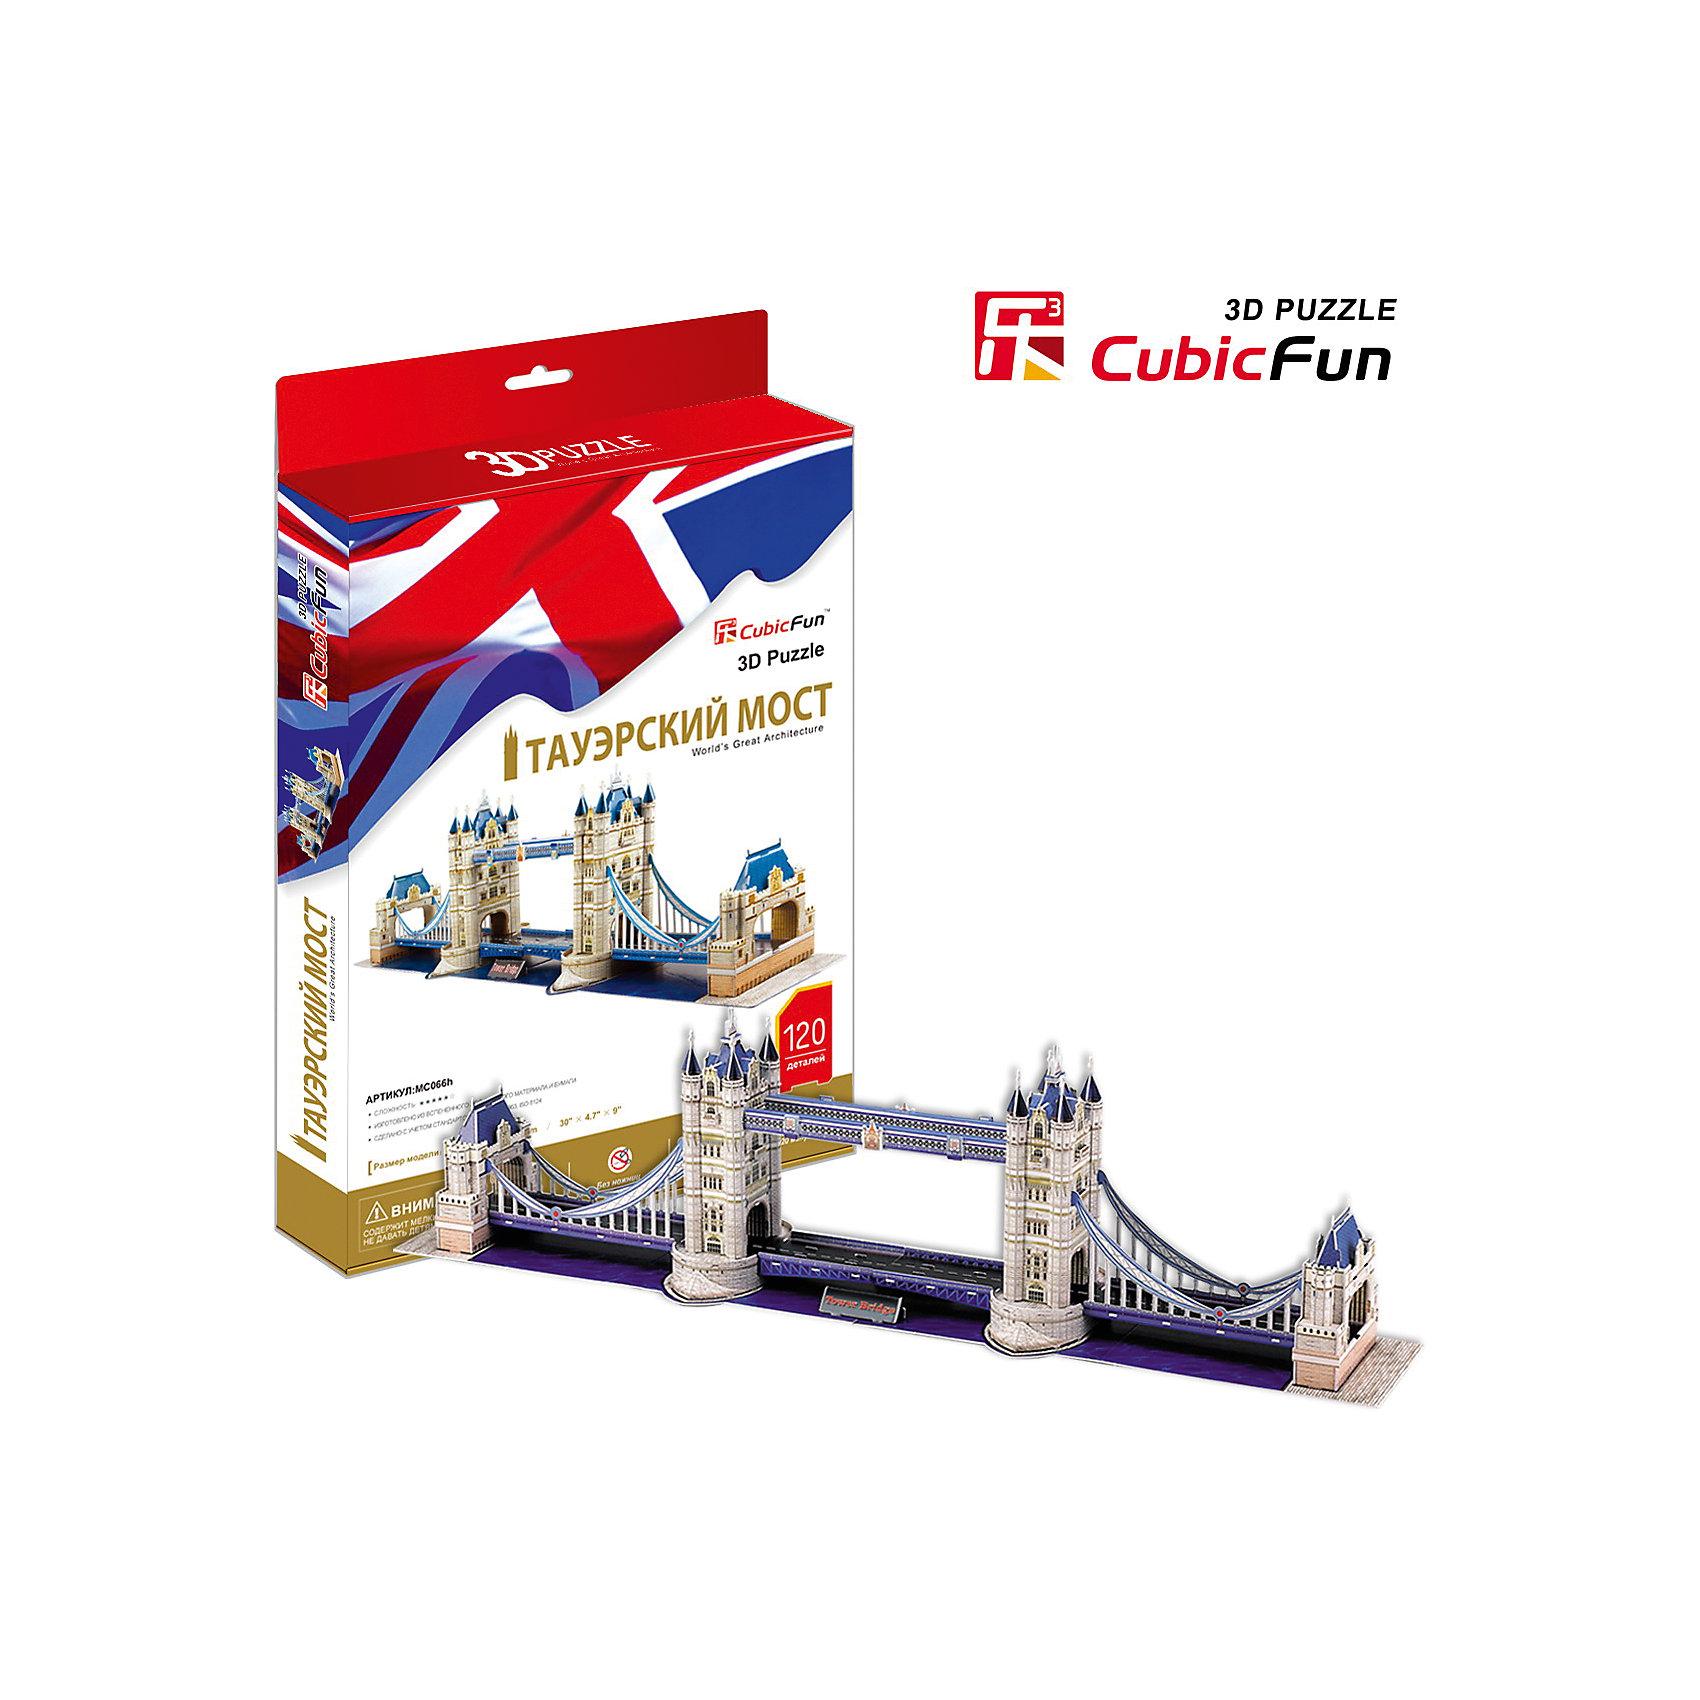 Пазл 3D Тауэрский Мост (Великобритания), CubicFunCubic Fun MC066h Кубик фан Тауэрский Мост (Великобритания)<br>Тауэрский мост — разводной мост в центре Лондона над рекой Темзой, недалеко от Лондонского Тауэра. Иногда его путают с Лондонским мостом, расположенным выше по течению. Открыт в 1894 году. Также является одним из символов Британии.<br>Уровень сложности - 5<br>Функции:<br>- помогает в развитии логики и творческих способностей ребенка;<br>- помогает в формировании мышления, речи, внимания, восприятия и воображения;<br>- развивает моторику рук;<br>- расширяет кругозор ребенка и стимулирует к познанию новой информации;<br>Практические характеристики:<br>- обучающая, яркая и реалистичная модель;<br>- идеально и легко собирается без инструментов;<br>- увлекательный игровой процесс;<br>- тематический ассортимент;<br>- новый качественный материал (ламинированный пенокартон).<br><br>Ширина мм: 40<br>Глубина мм: 300<br>Высота мм: 230<br>Вес г: 626<br>Возраст от месяцев: 72<br>Возраст до месяцев: 192<br>Пол: Унисекс<br>Возраст: Детский<br>SKU: 4951150